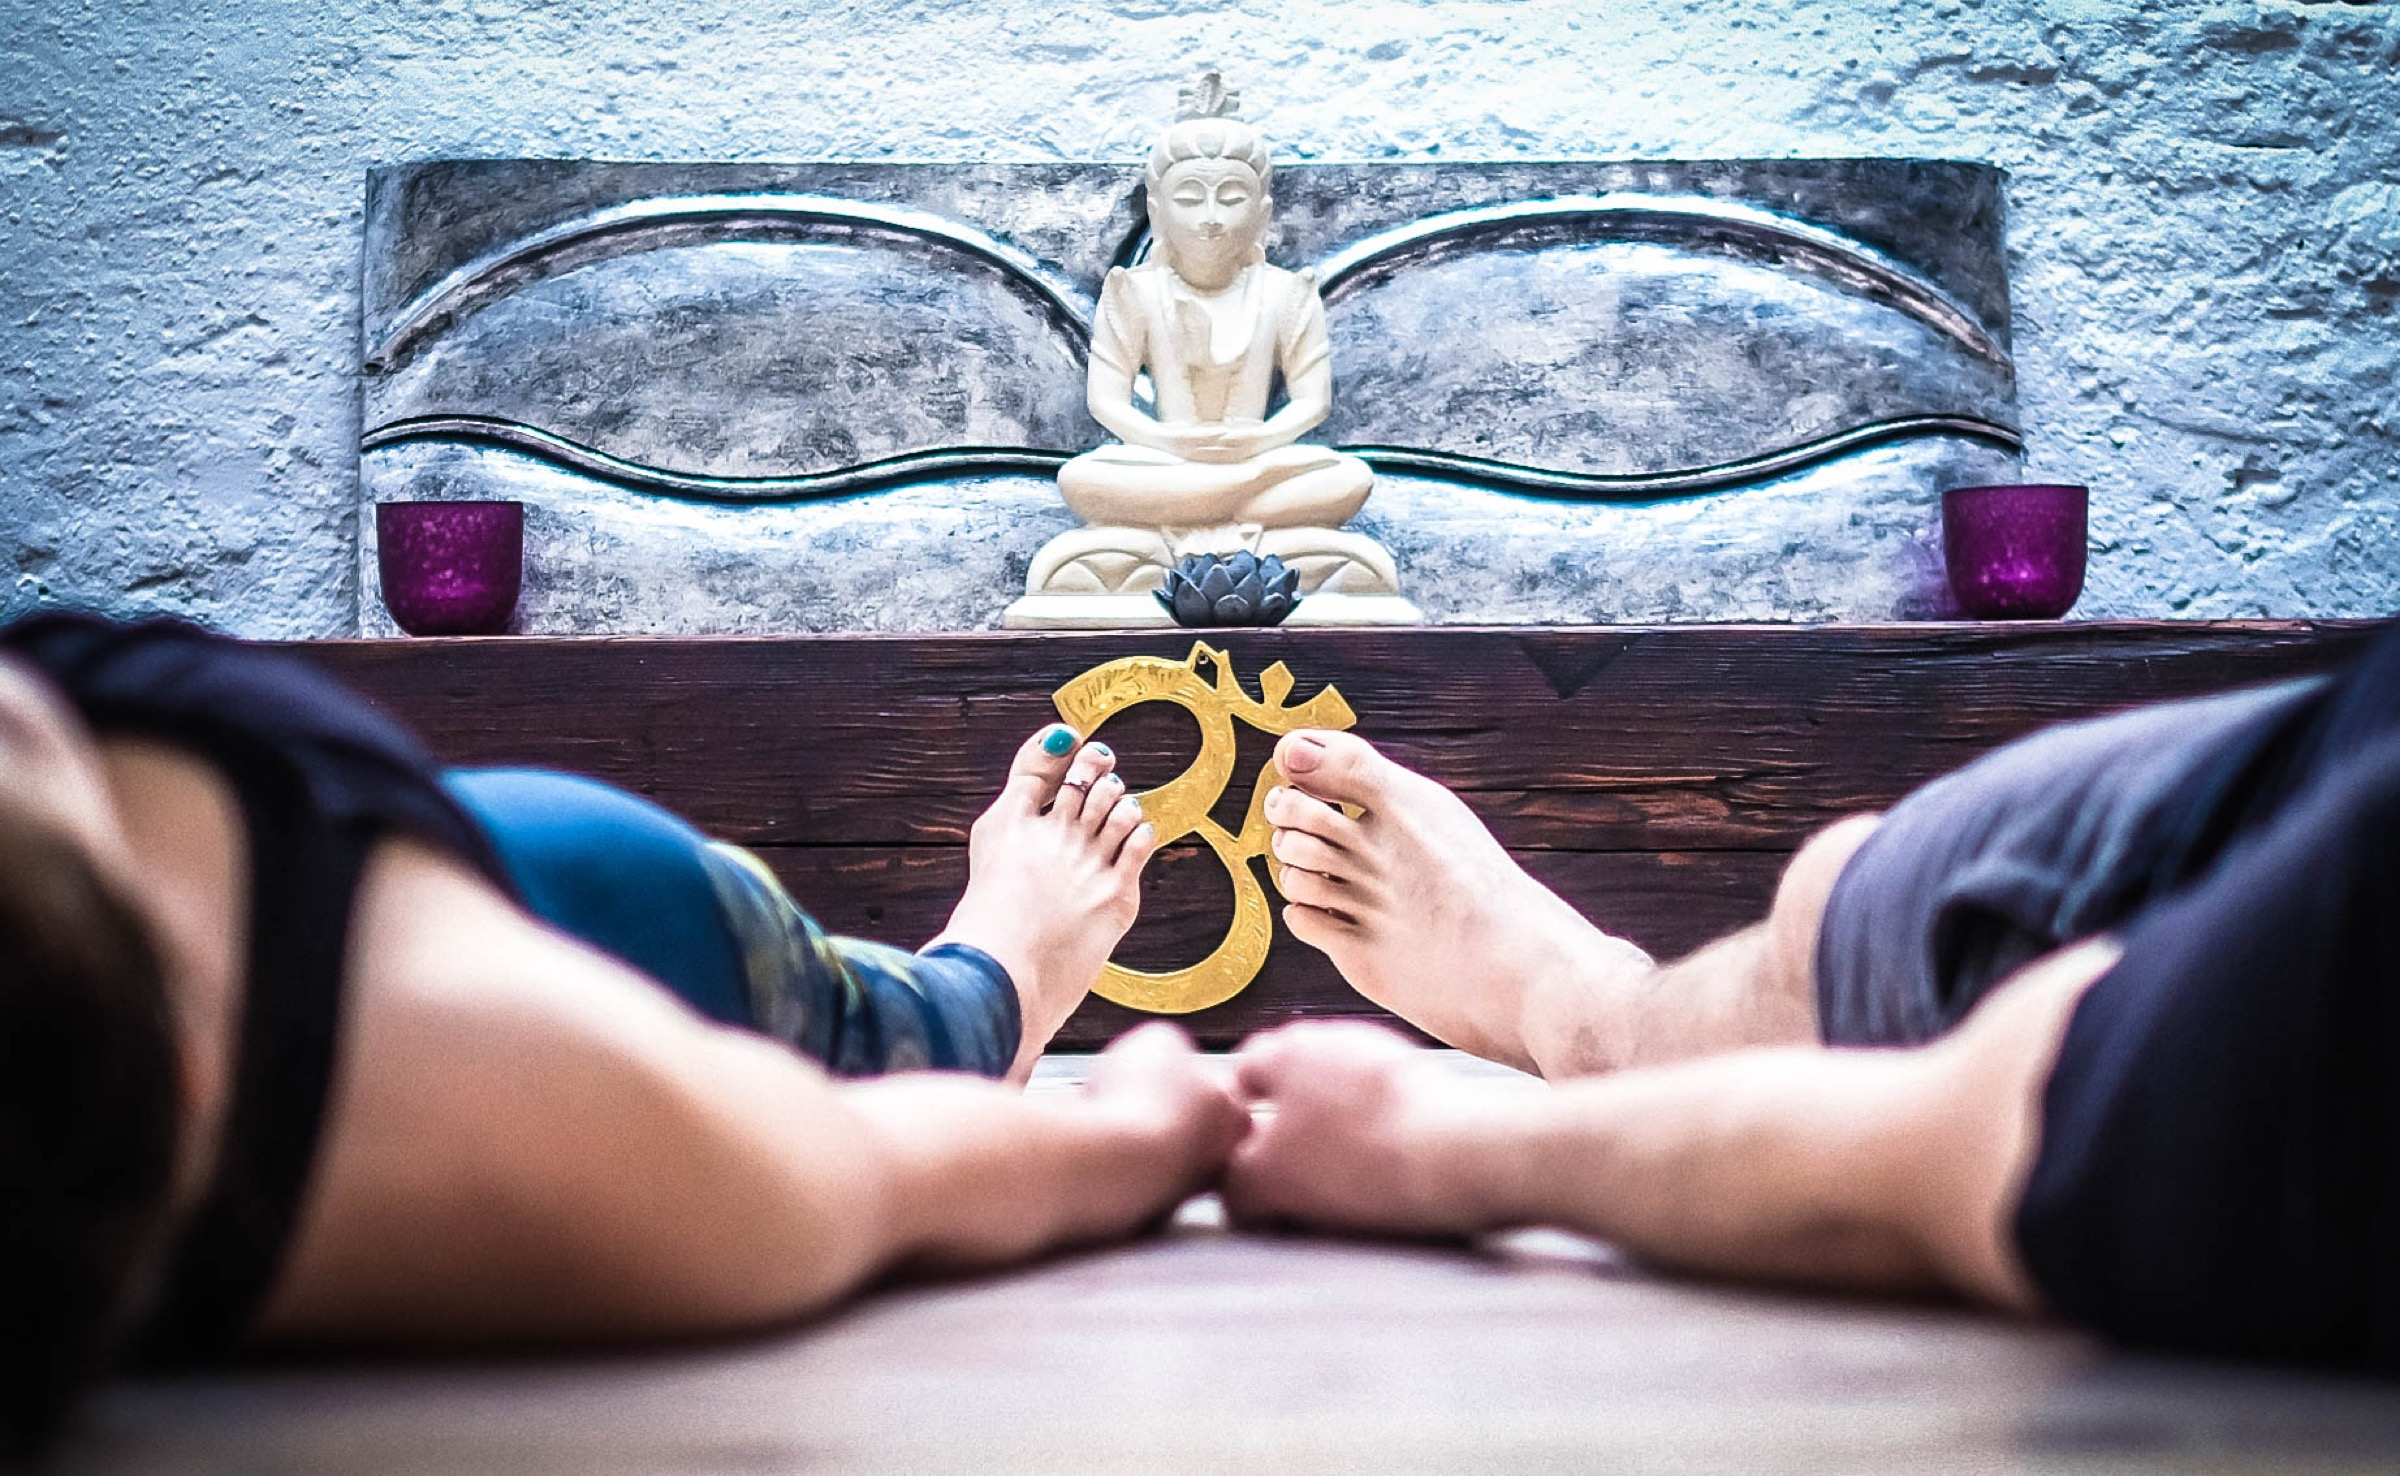 Übe Meditation und erlebe die Kraft, wenn Gefühl und Gedanke Hand in Hand gehen